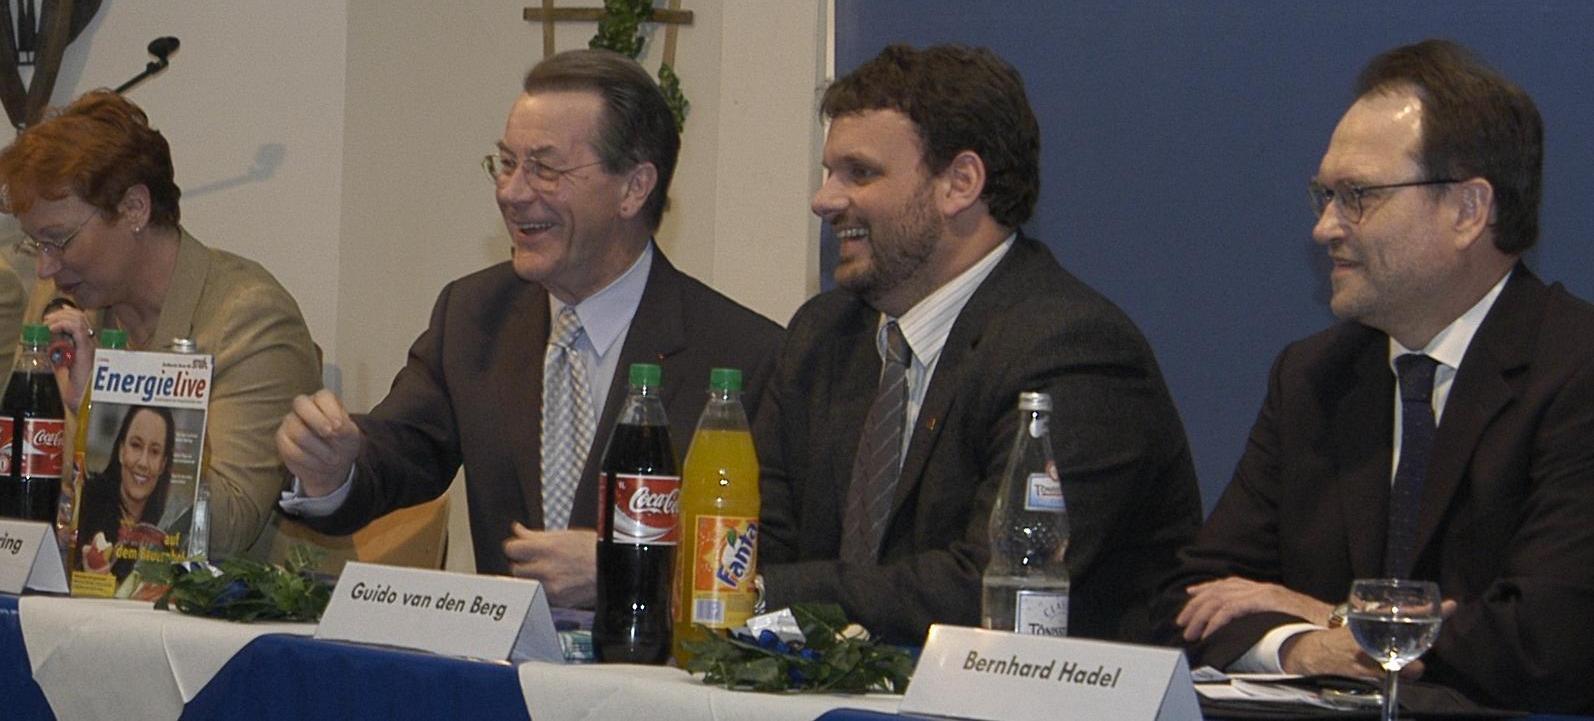 Gabriele Frechen MdB, Franz Müntefering MdB, Guido van den Berg und Bernhard Hadel (7.3.2004)